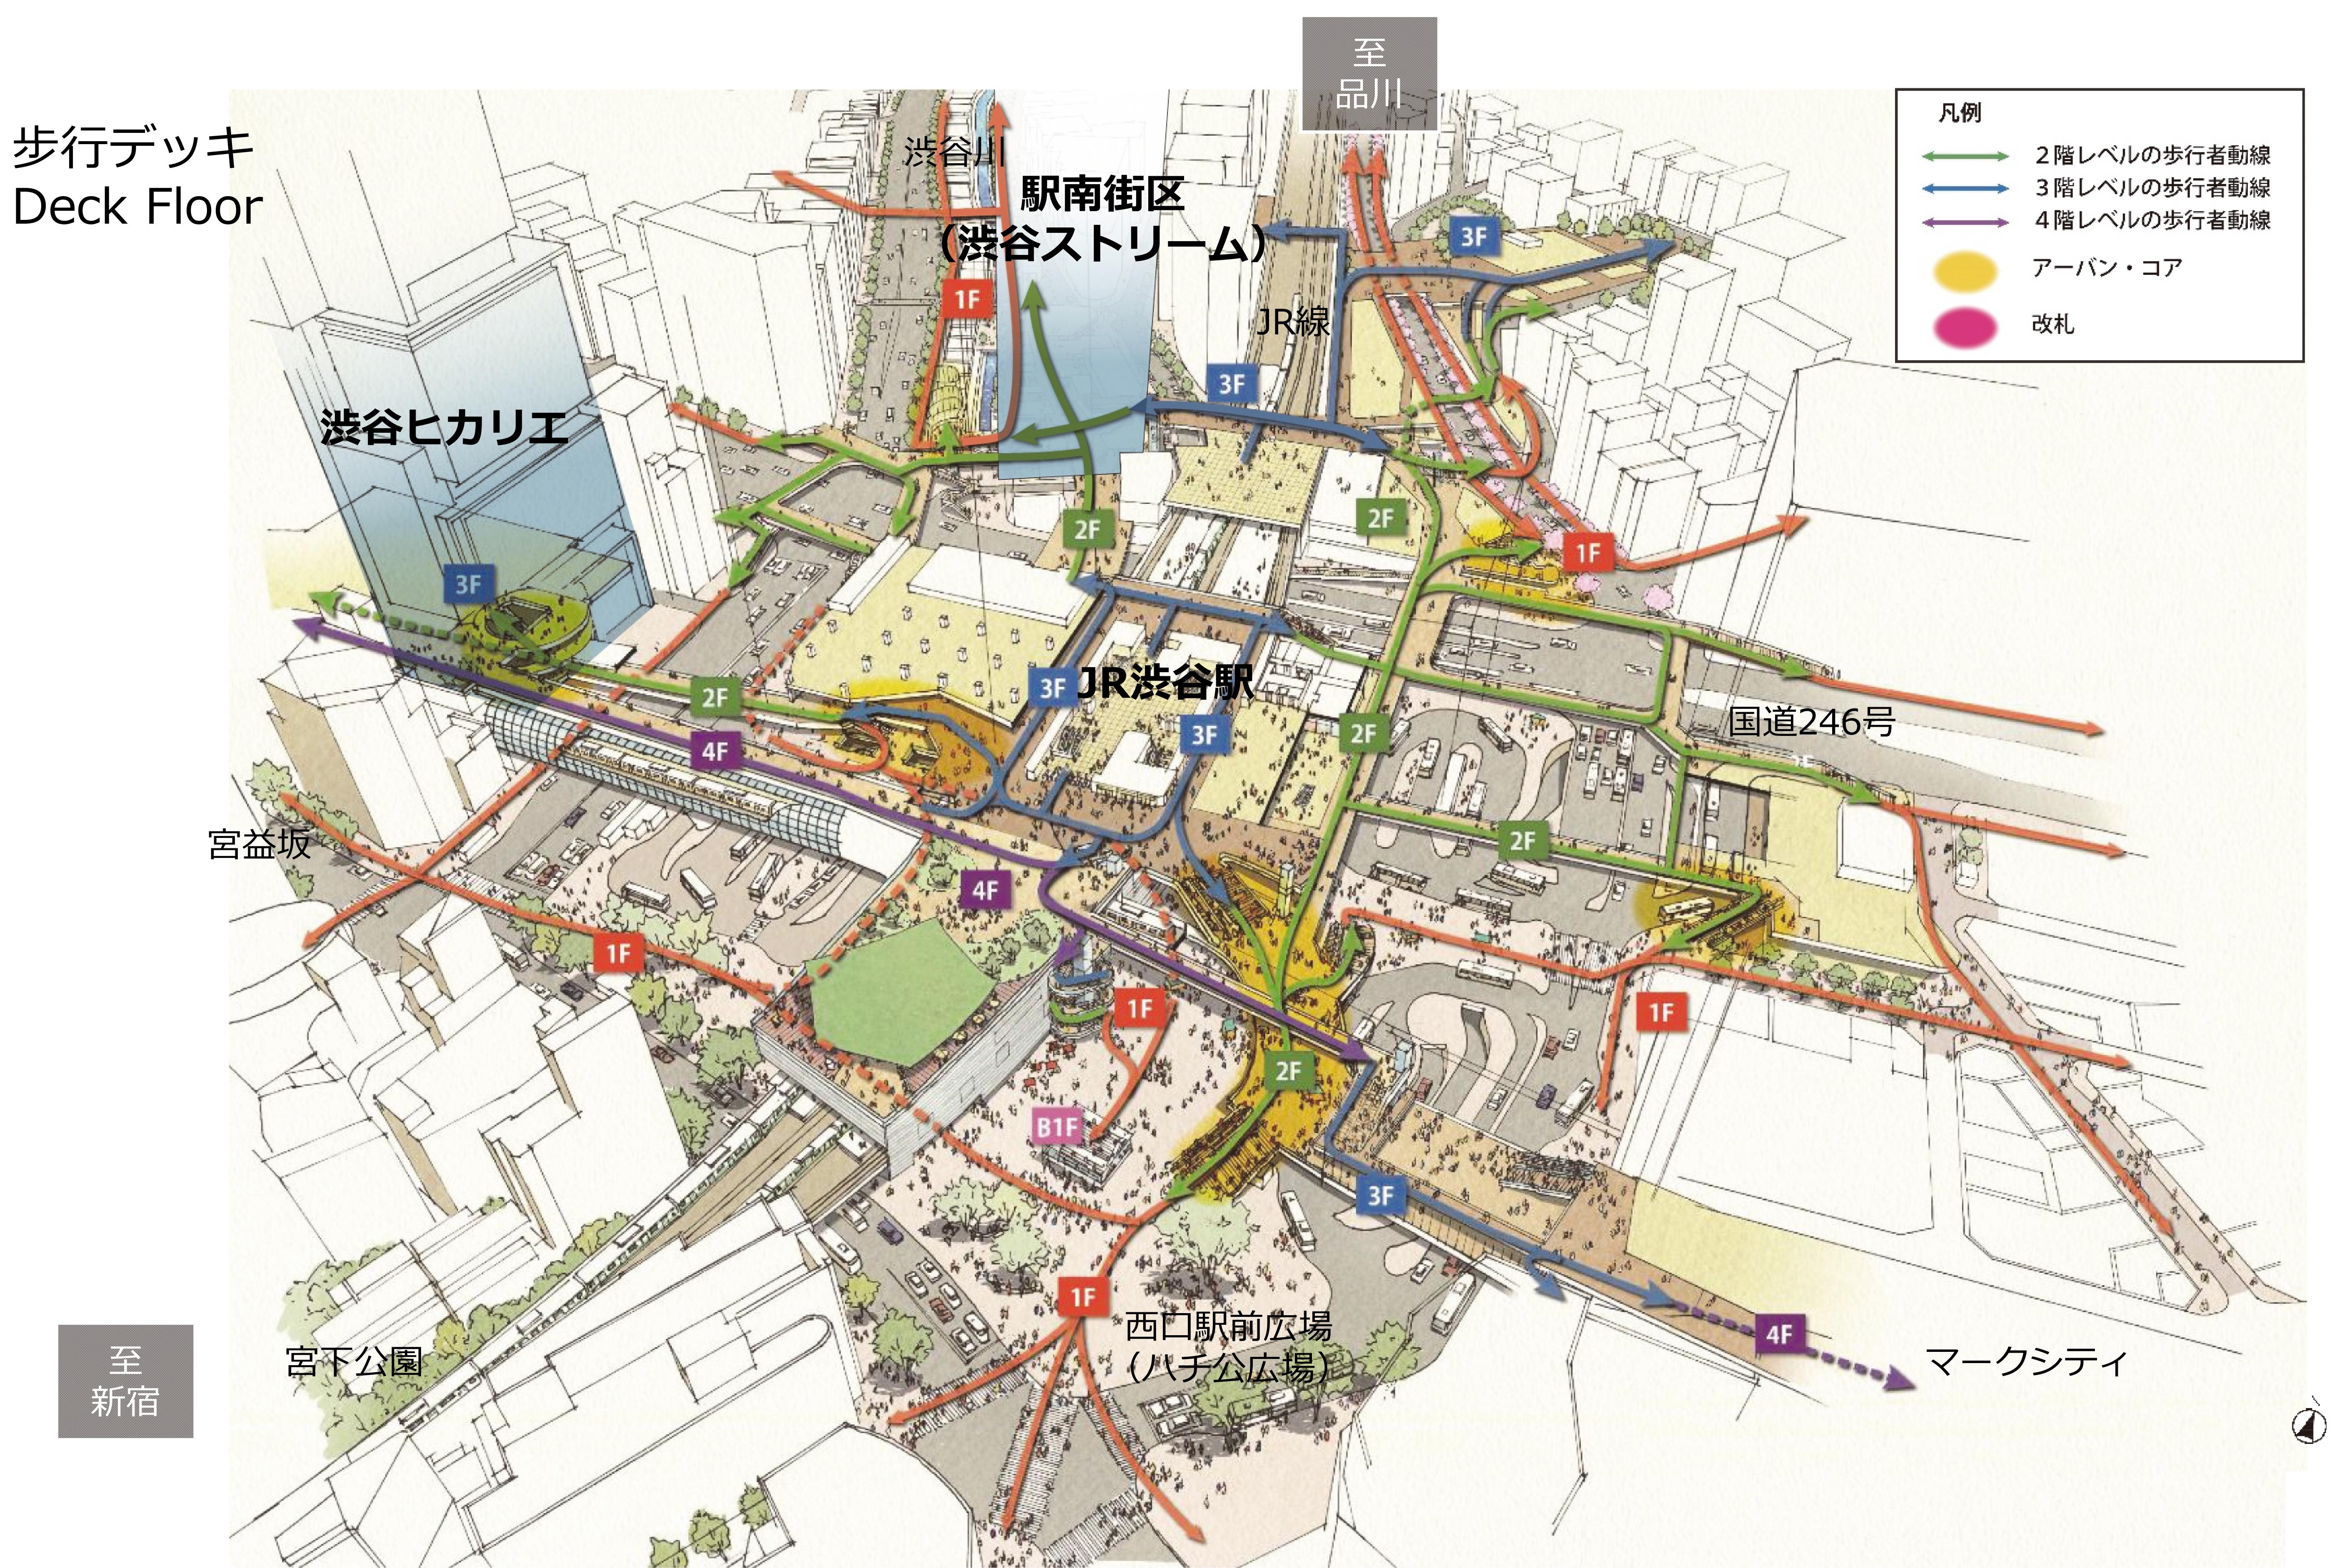 図2-1  渋谷のネットワーク(日建設計作成)